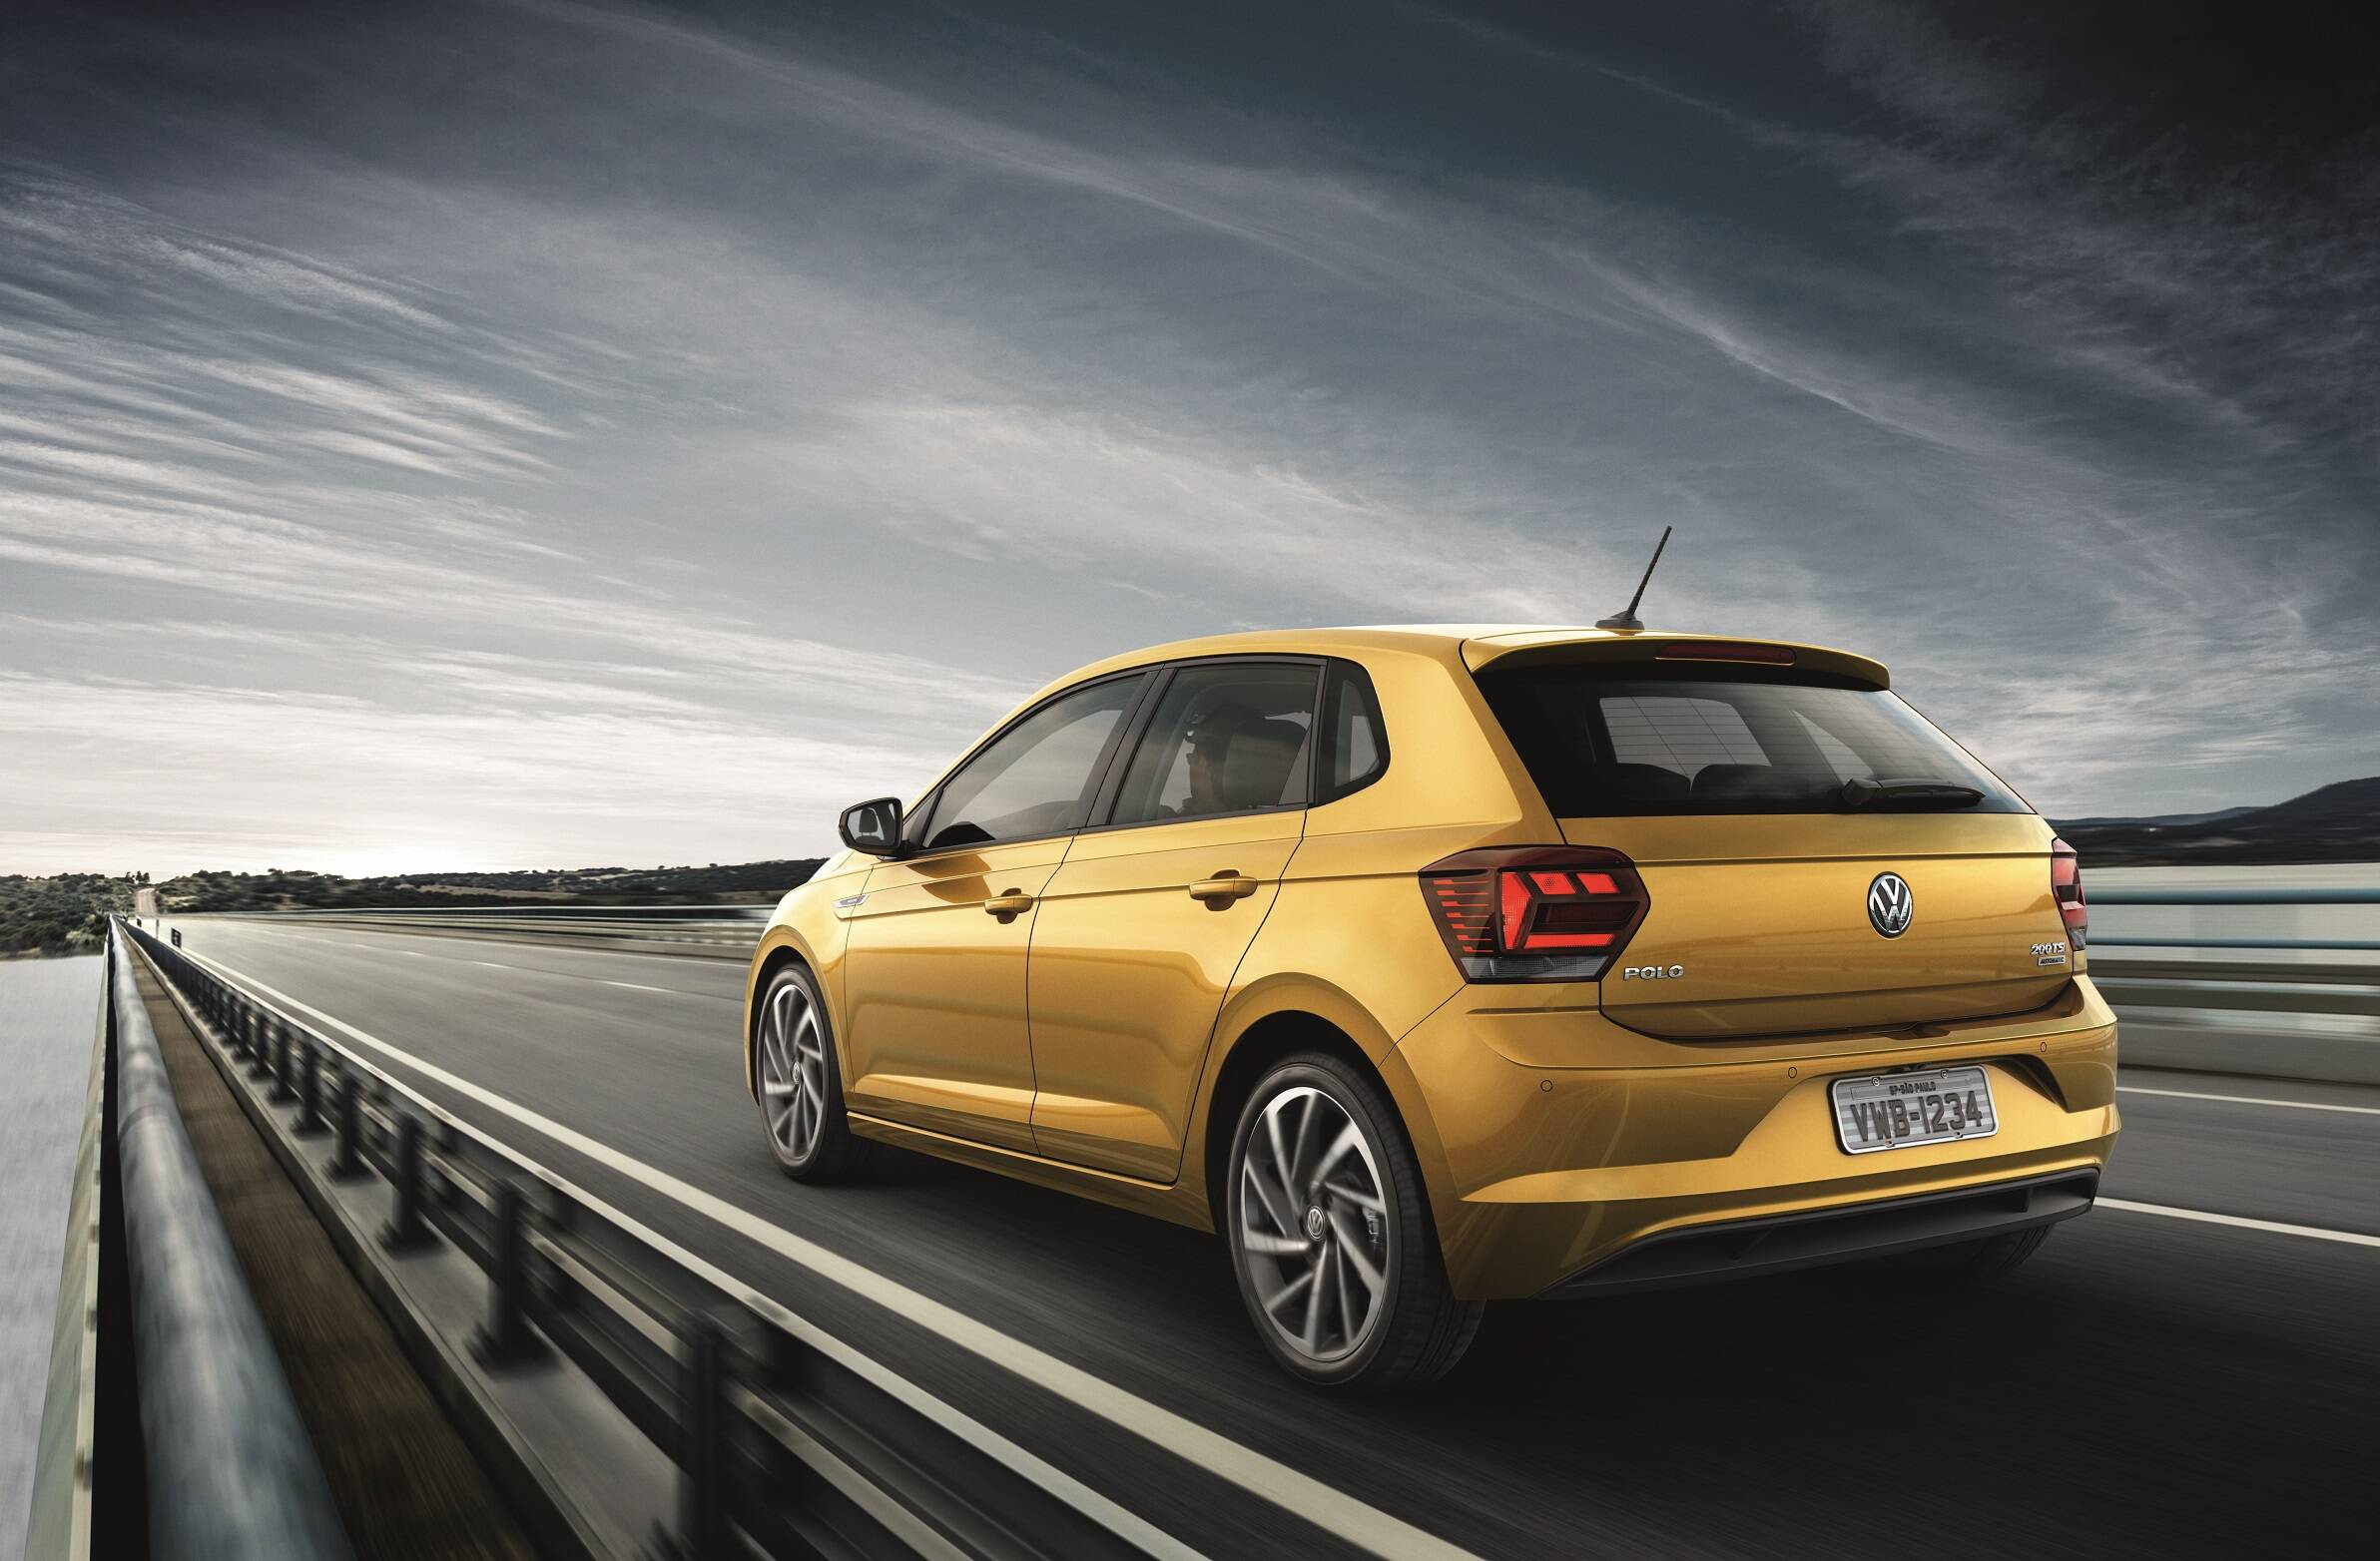 Volkswagen Polo. Foto: Divulgação